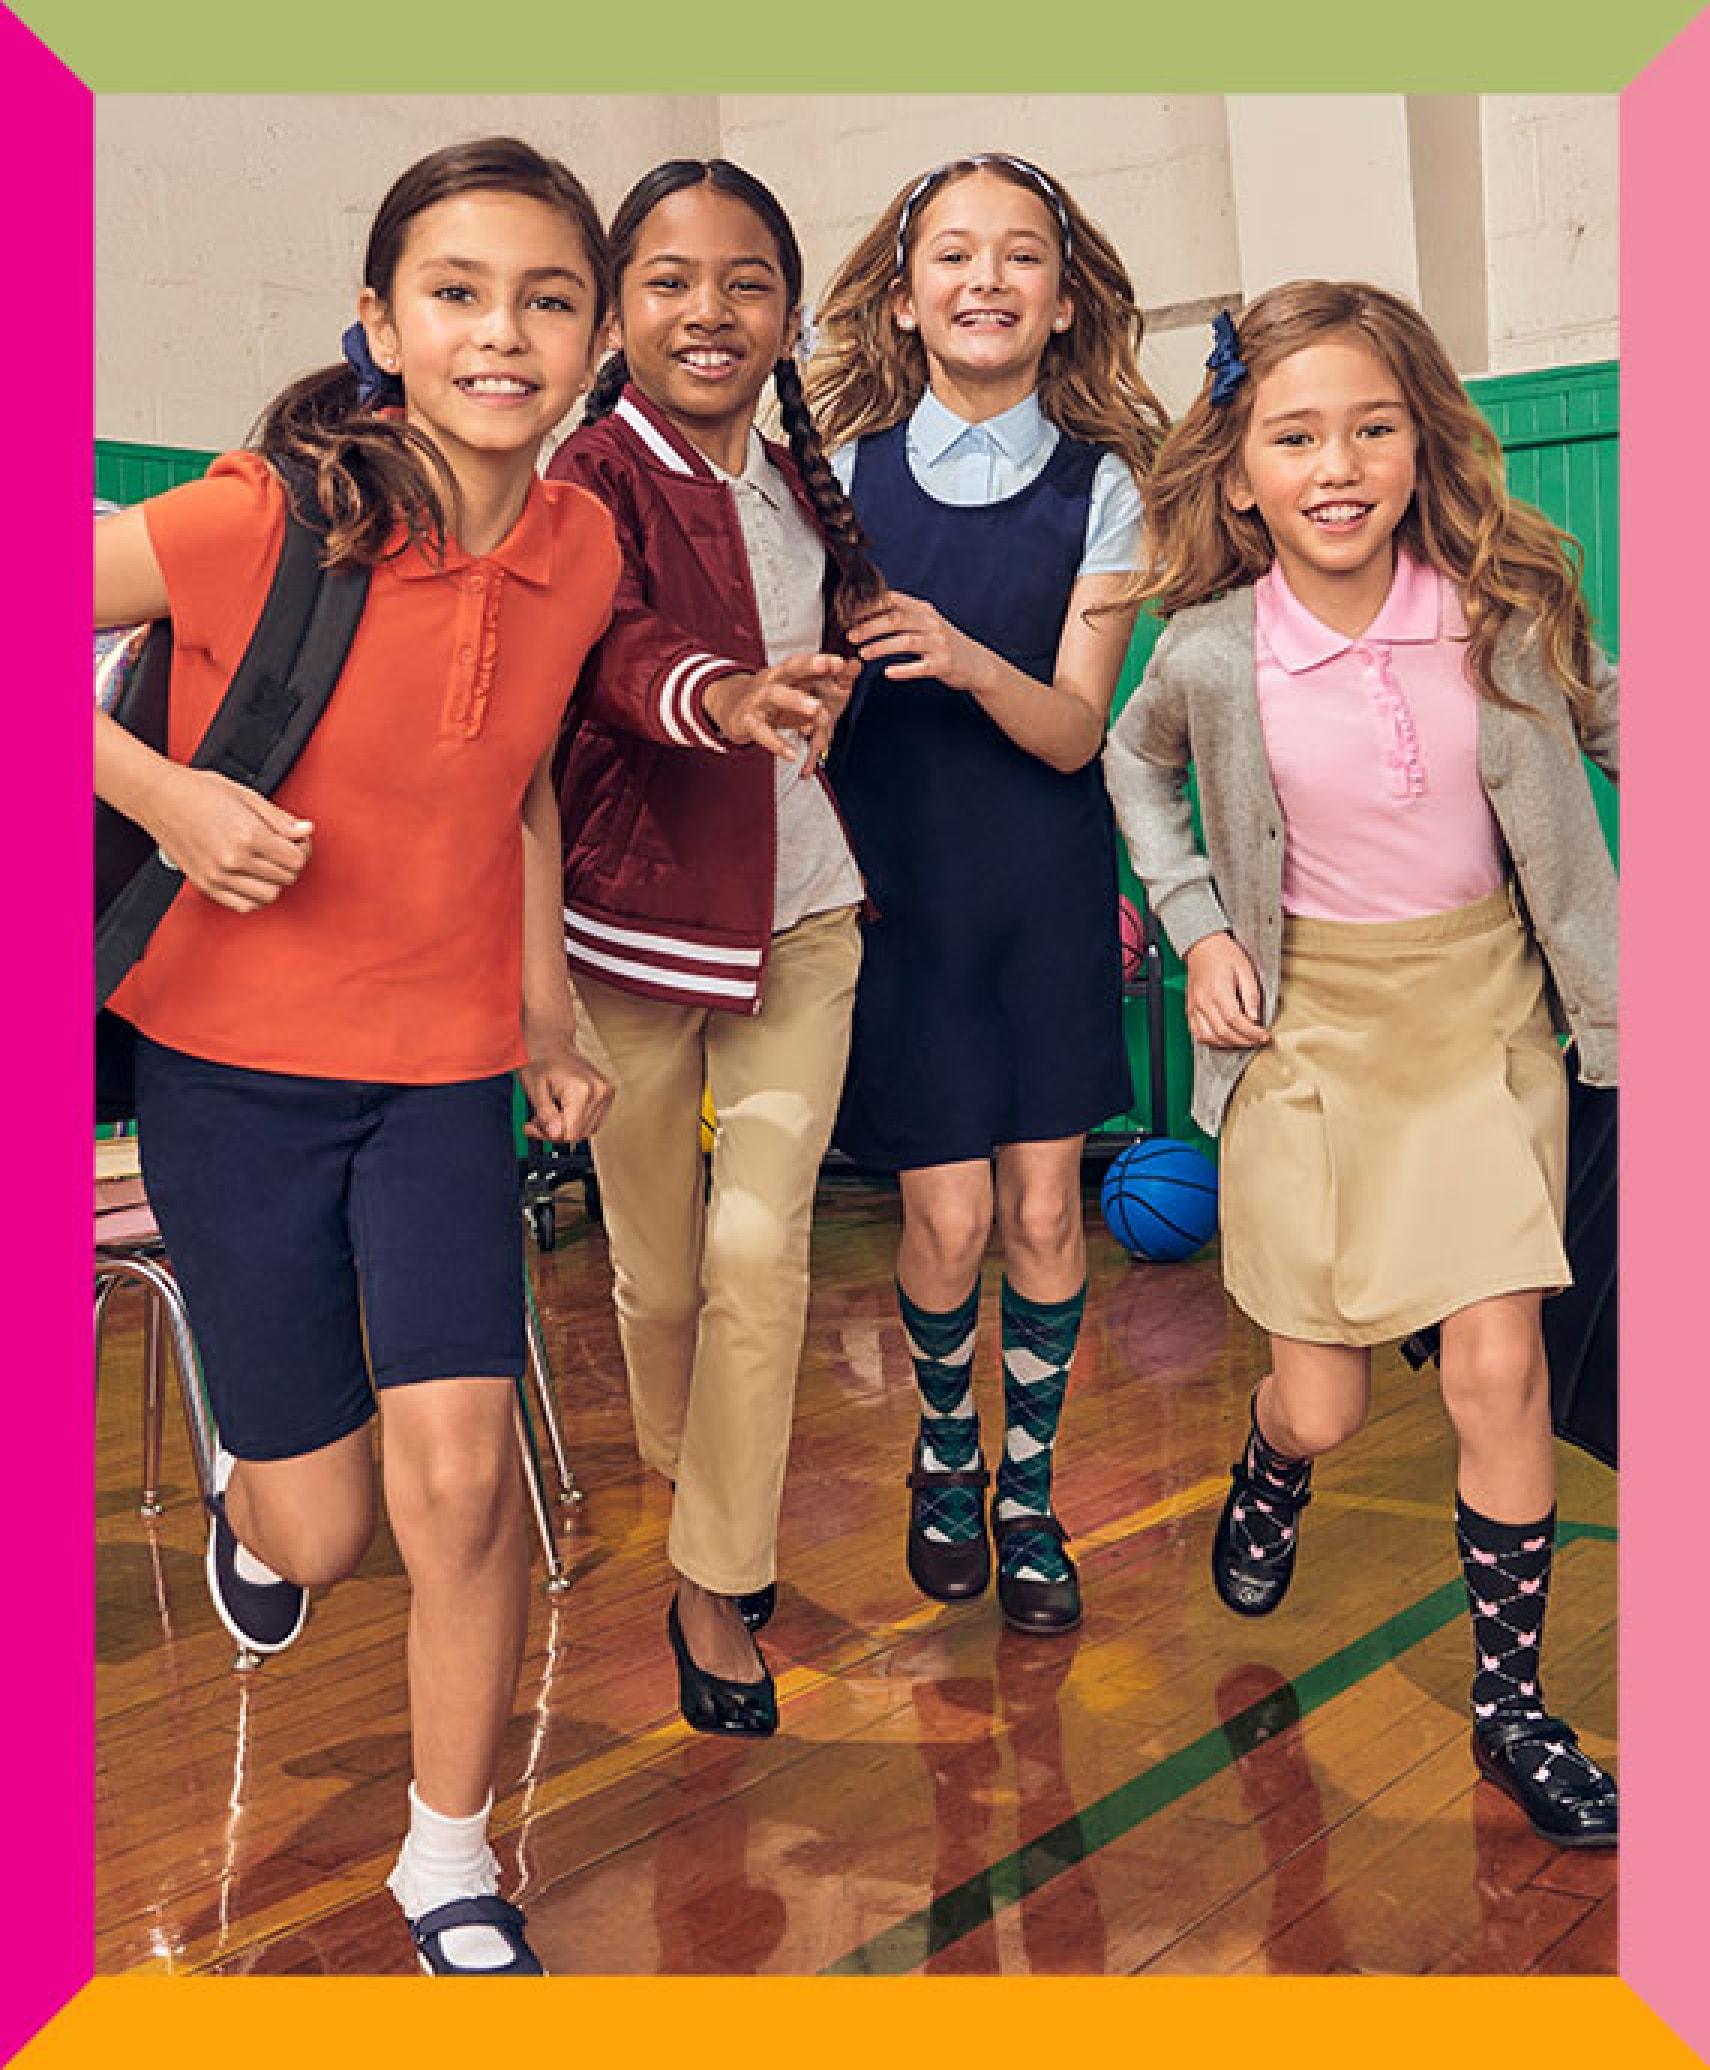 children's place uniform shoes